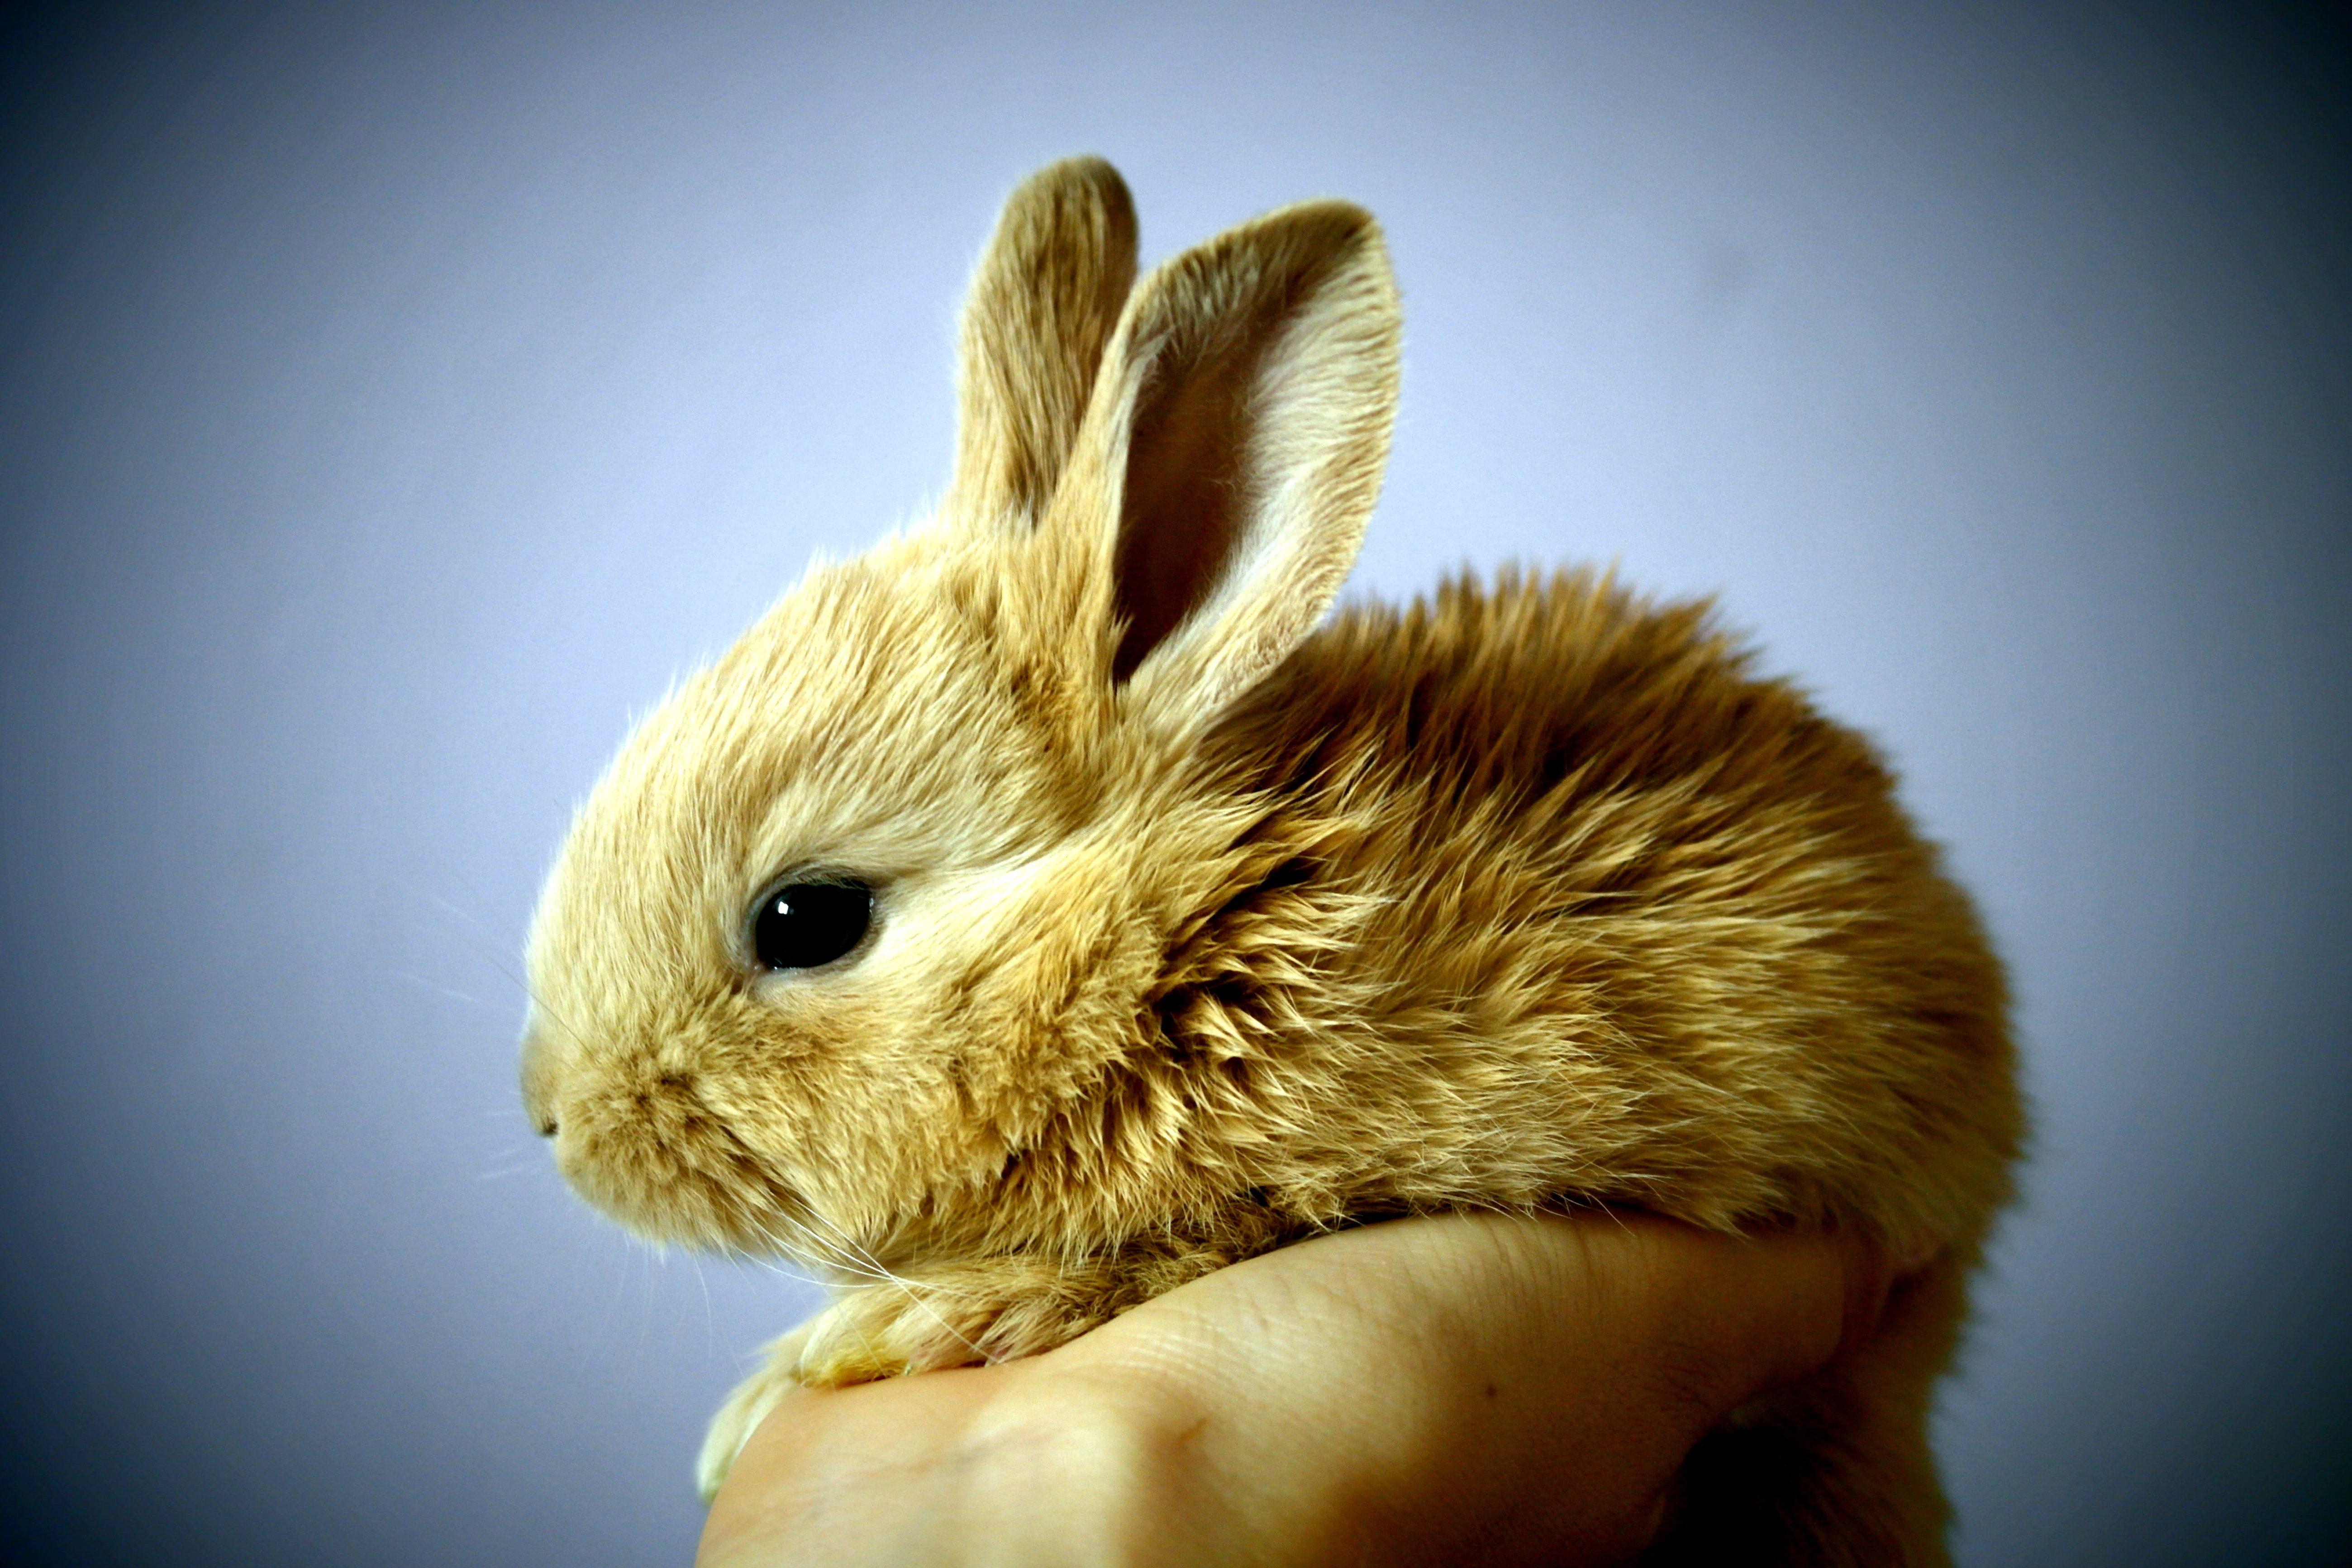 Cute Rabbits Hd Wallpapers Image Libre Lapin Mignon Lapin Brun Main